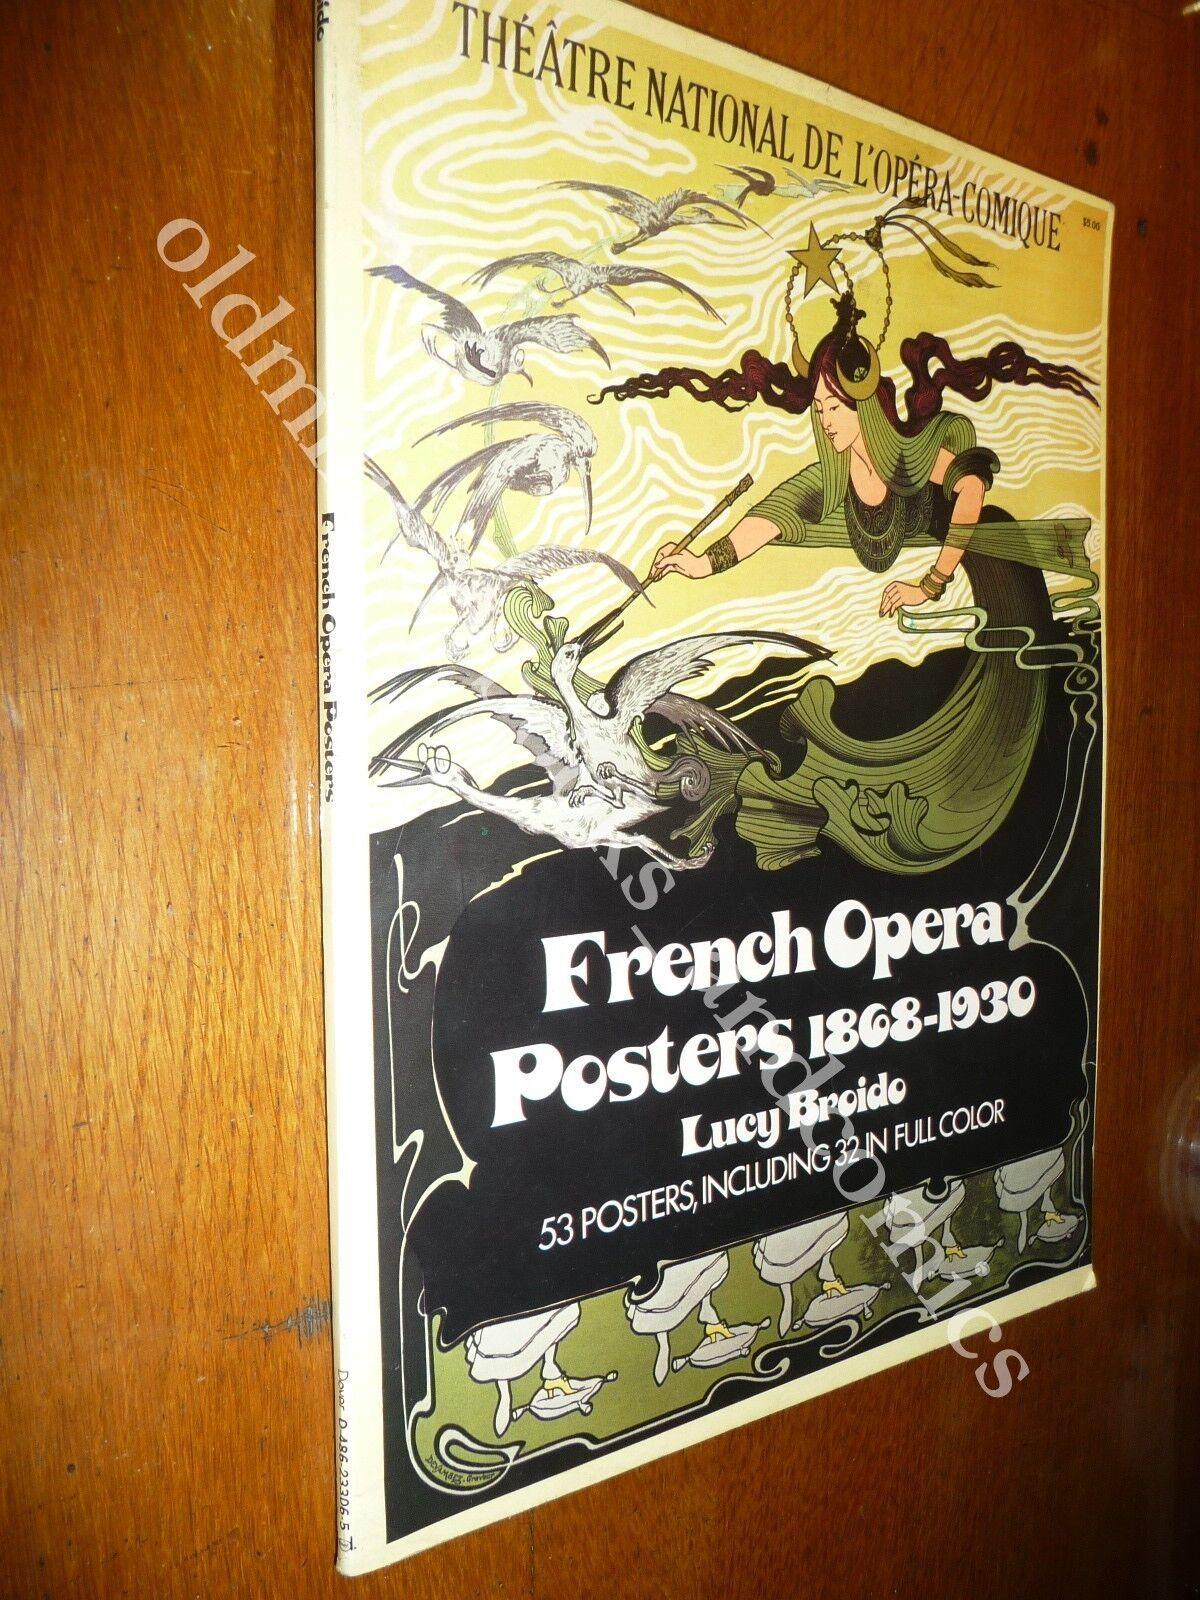 FRENCH OPERA POSTERS 1868-1930 53 POSTER DI MANIFESTI DEL TEATRO OPERA FRANCESE